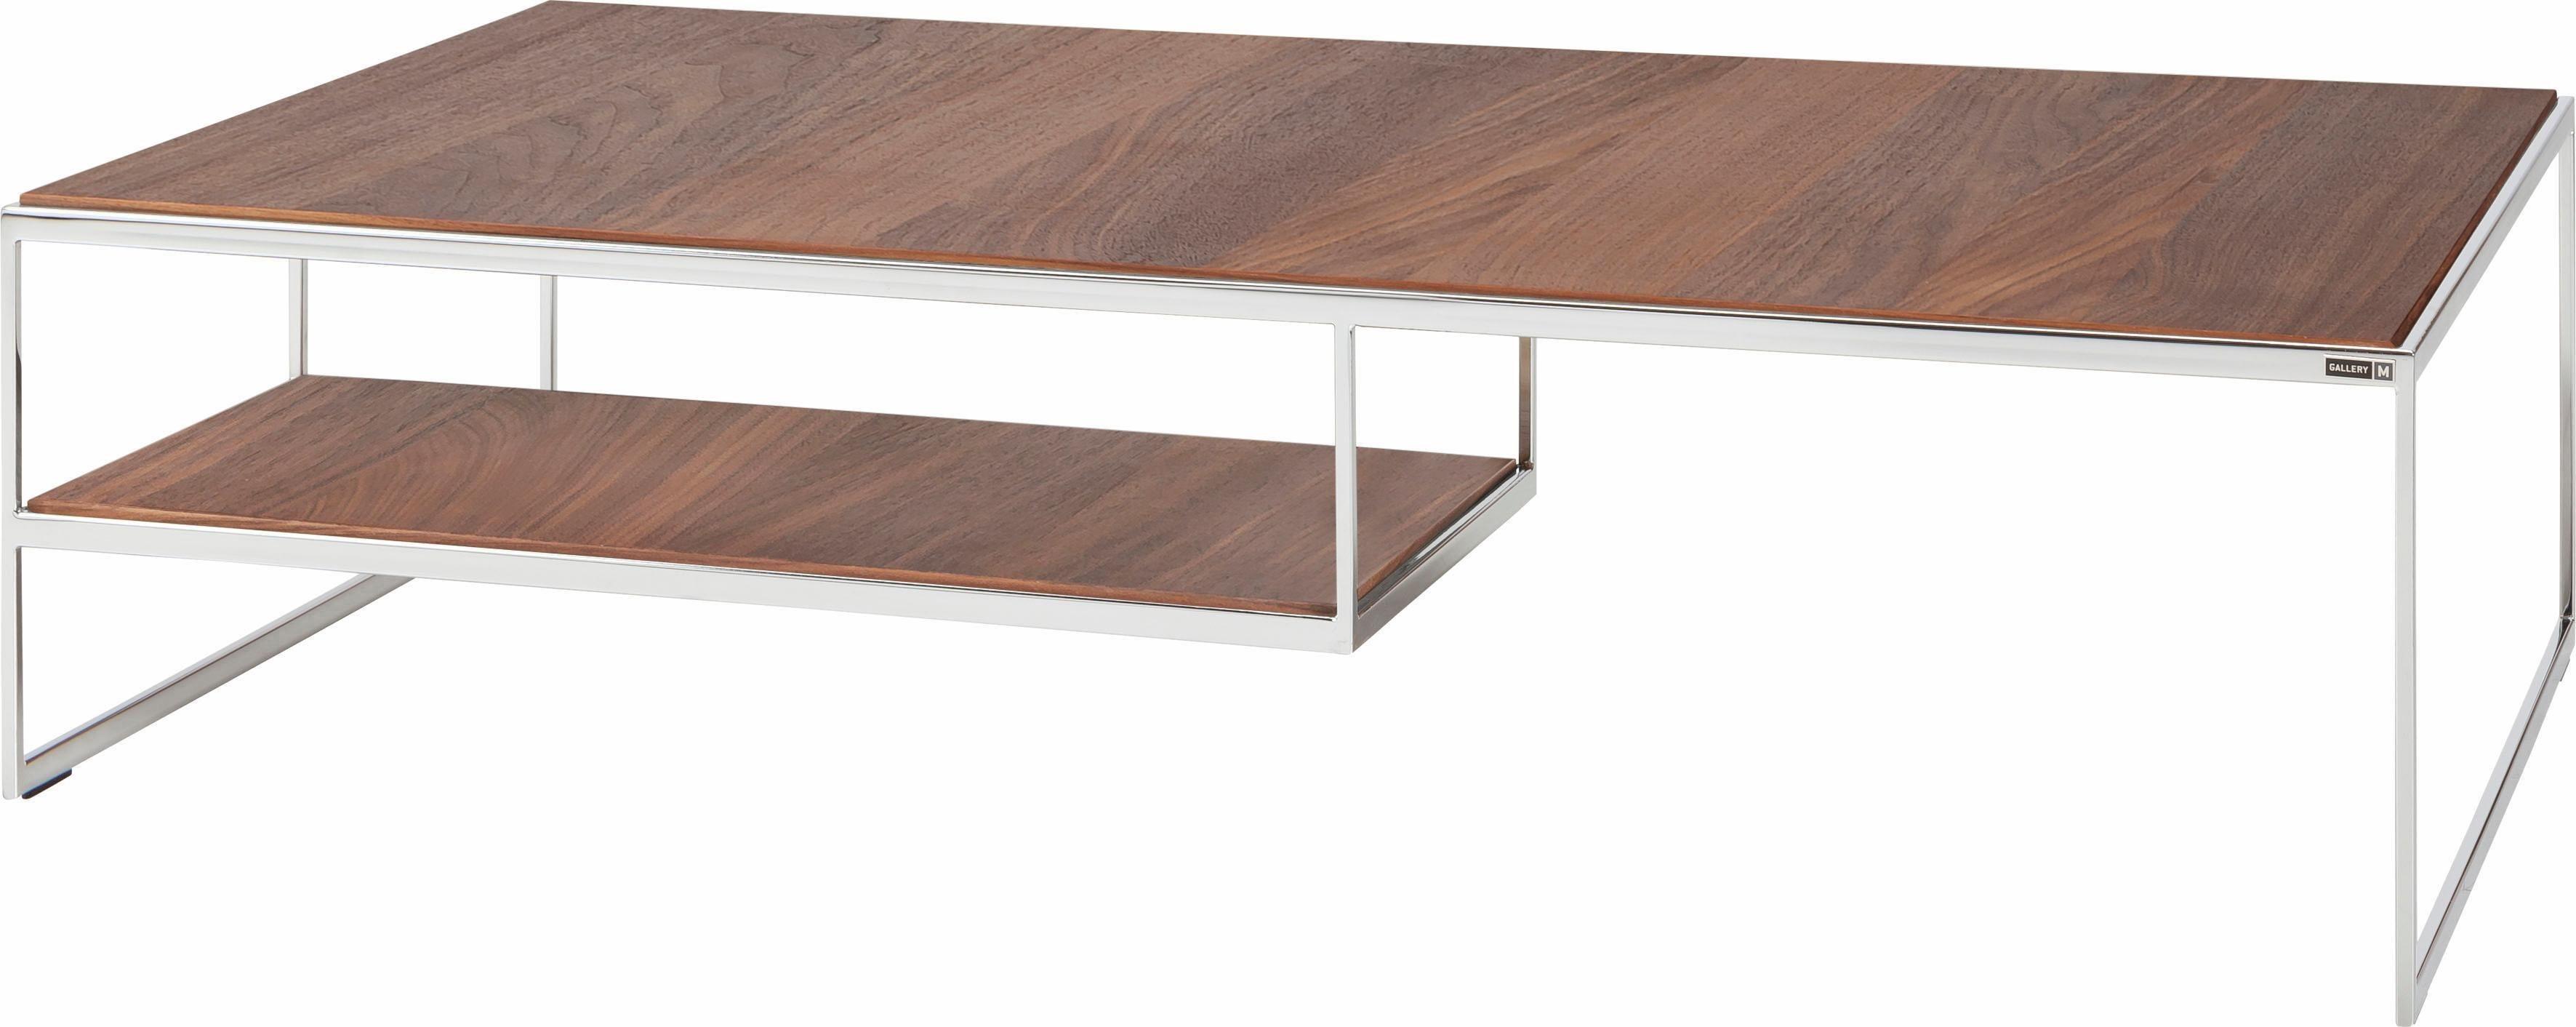 otto couchtisch nussbaum couchtisch 50er buche metall. Black Bedroom Furniture Sets. Home Design Ideas